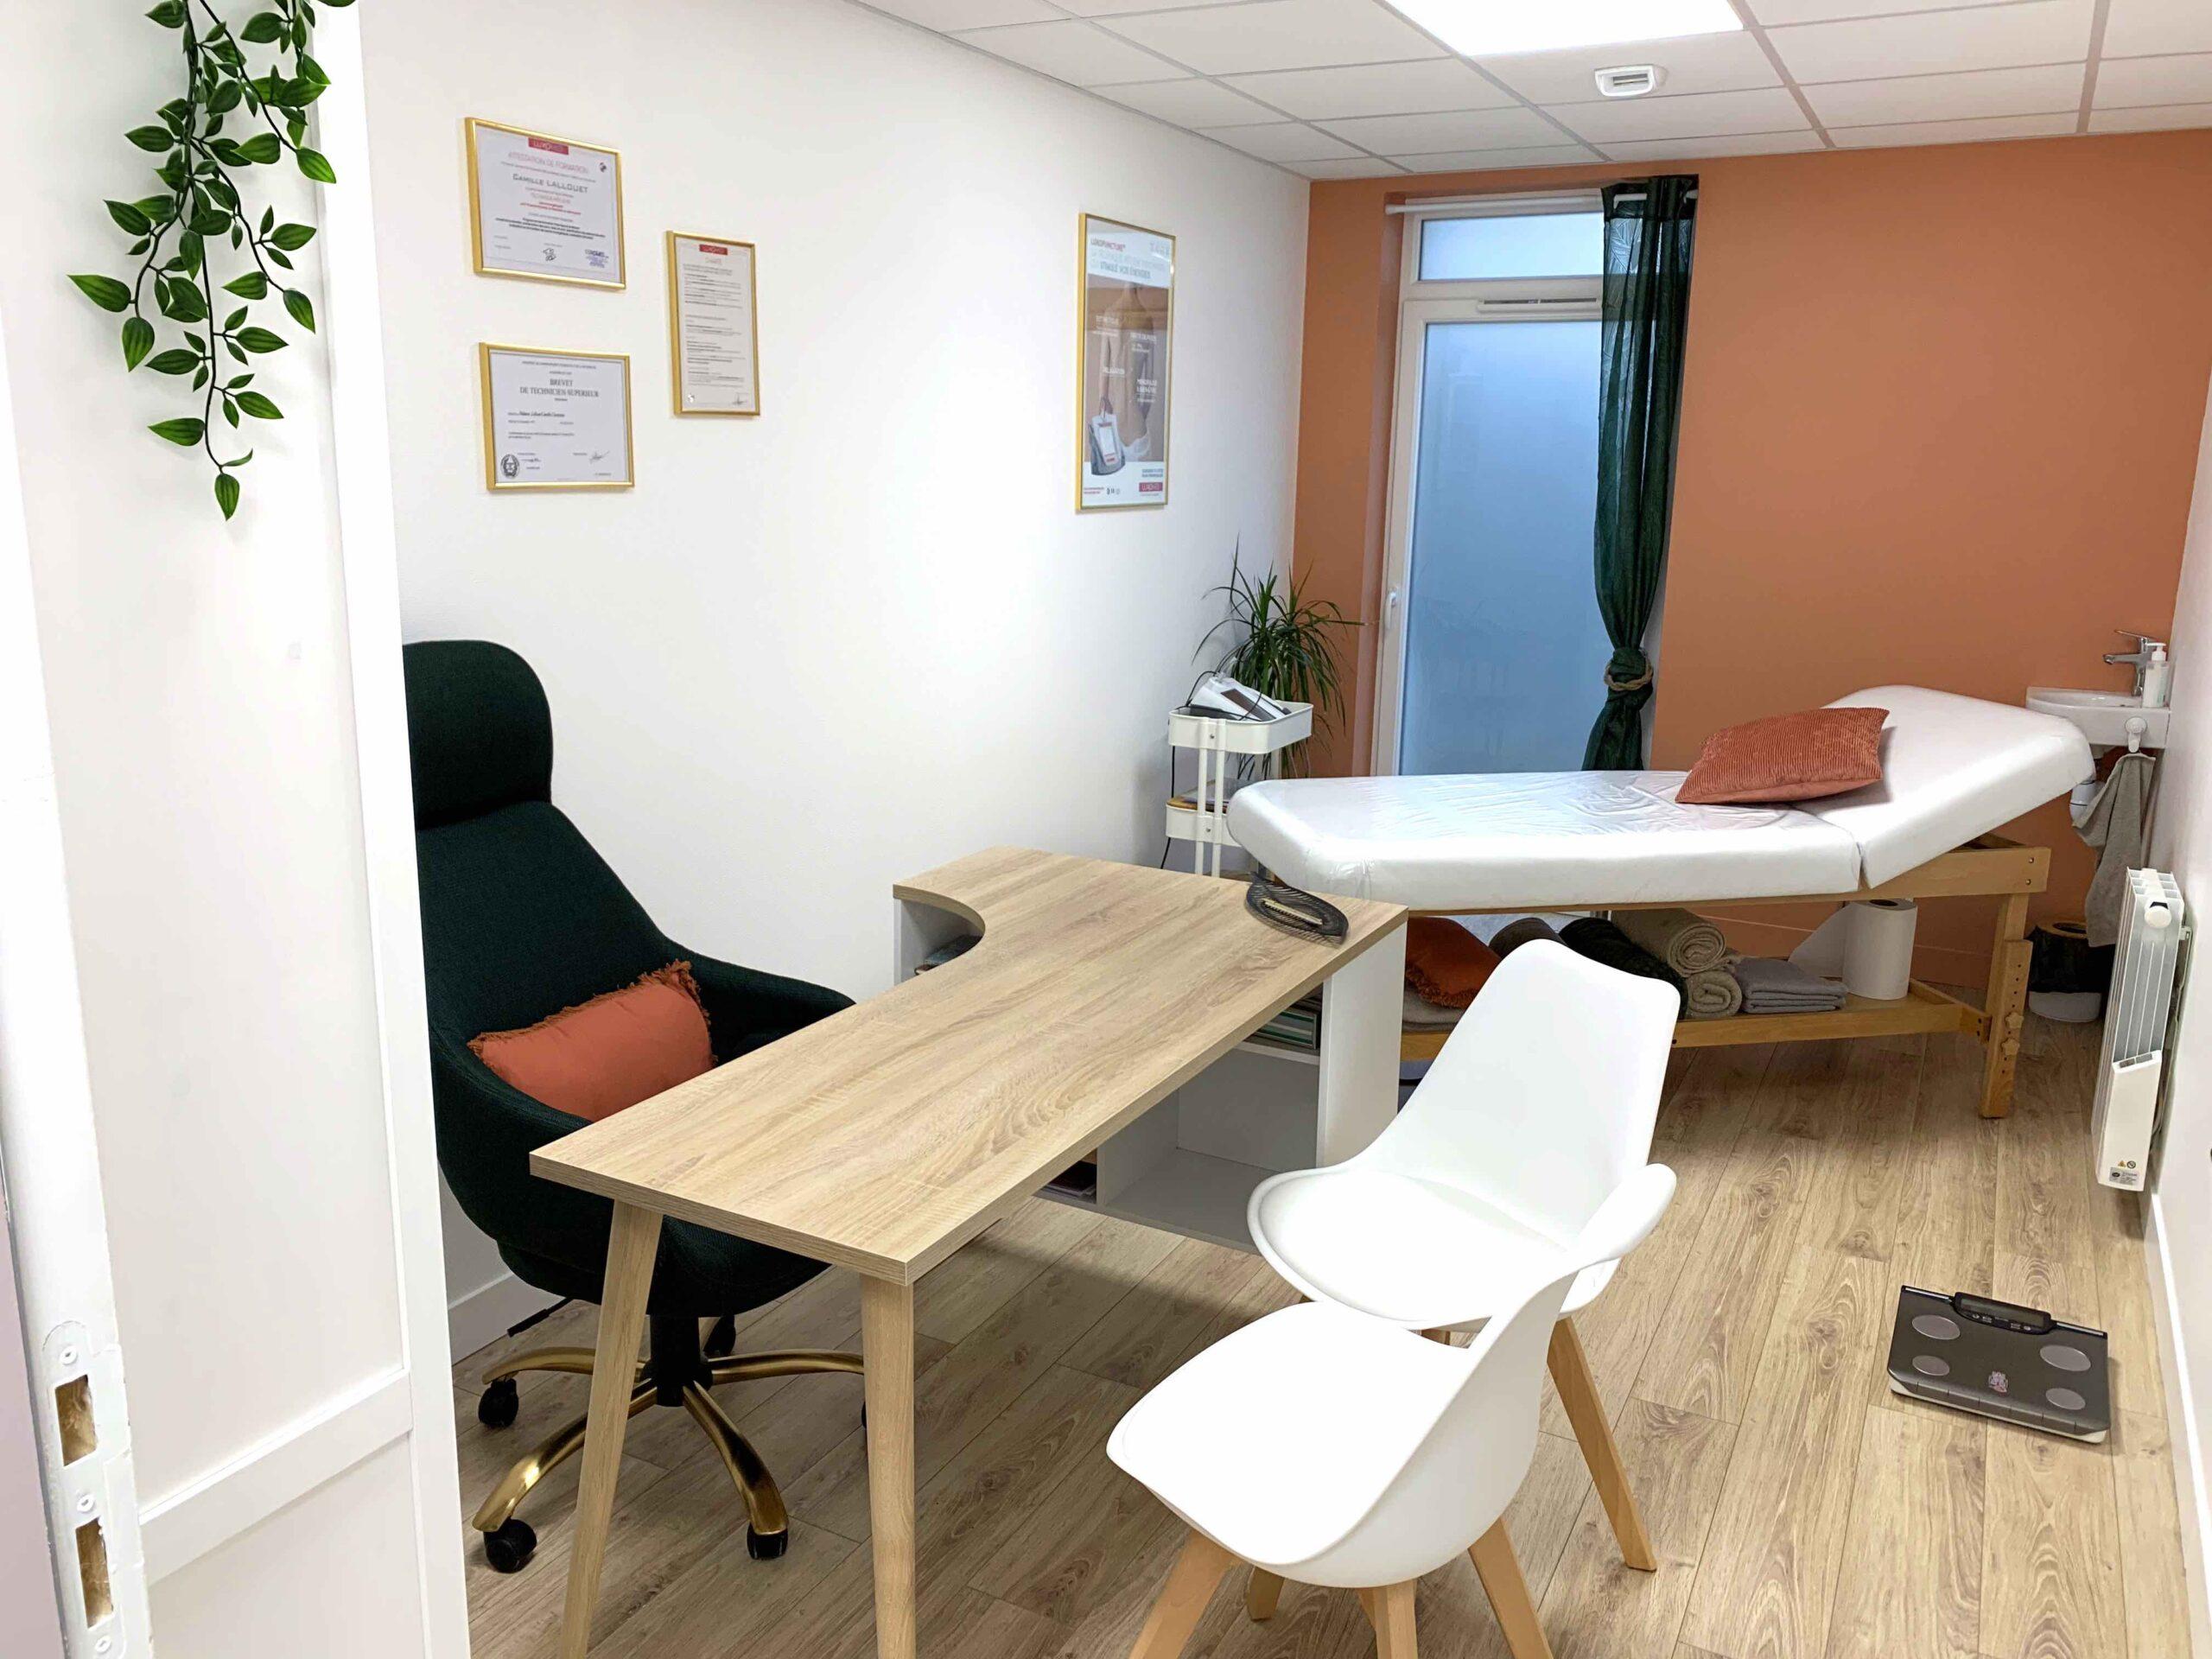 photo du cabinet de luxopuncture de Camille Lallouet : un bureau avec deux chaises, ses diplômes au mur et un endroit pour allonger le patient